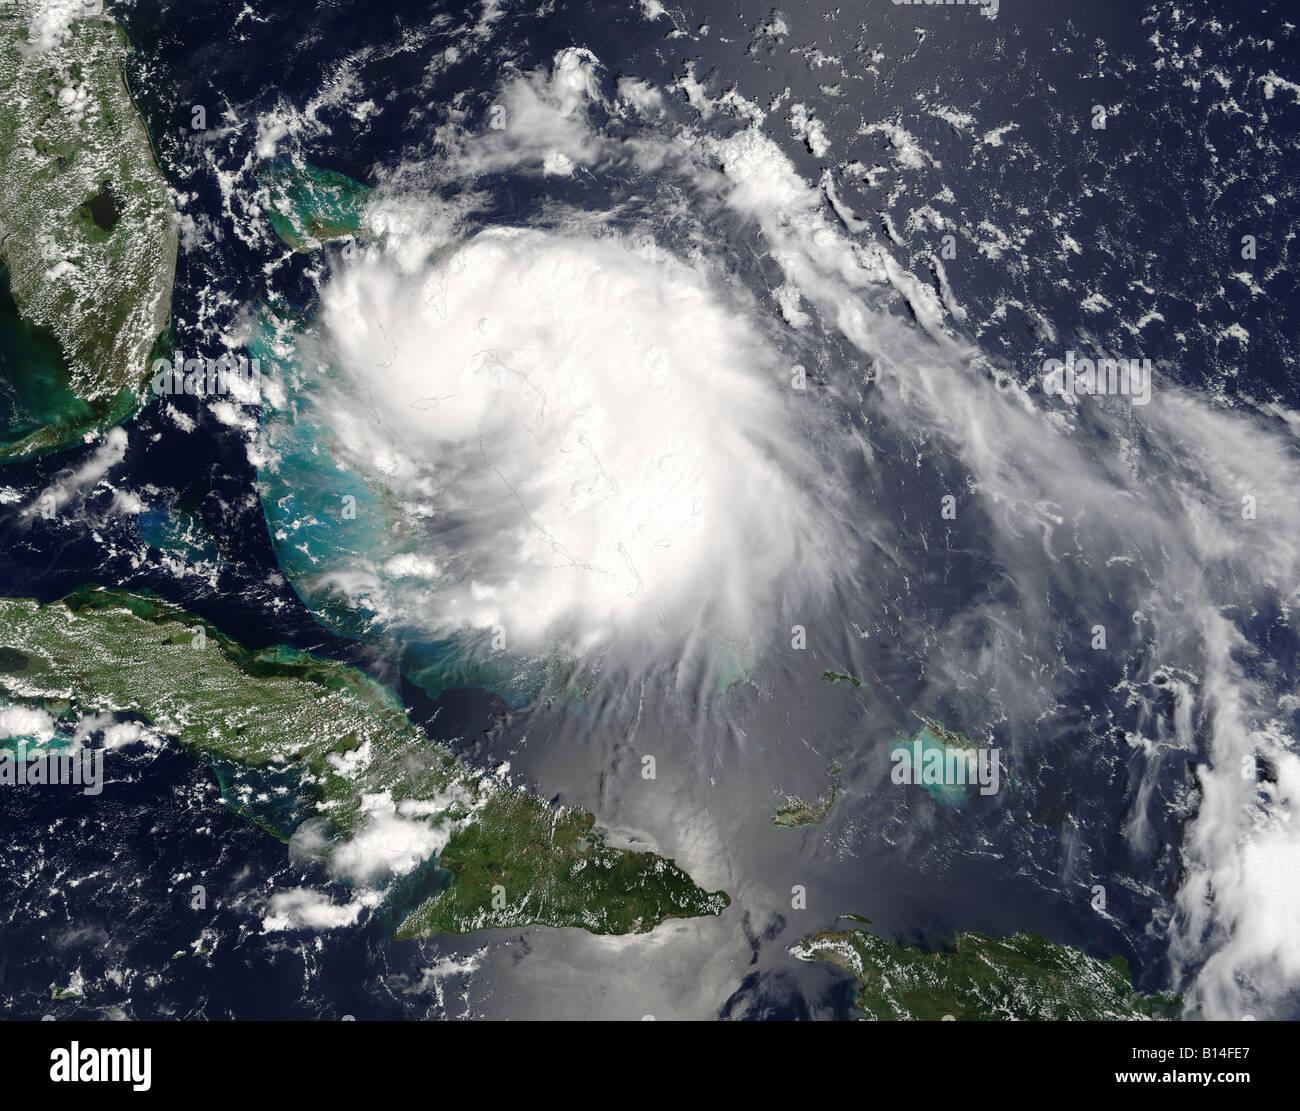 Hurrikan Katrina Satellitenbild Stockbild